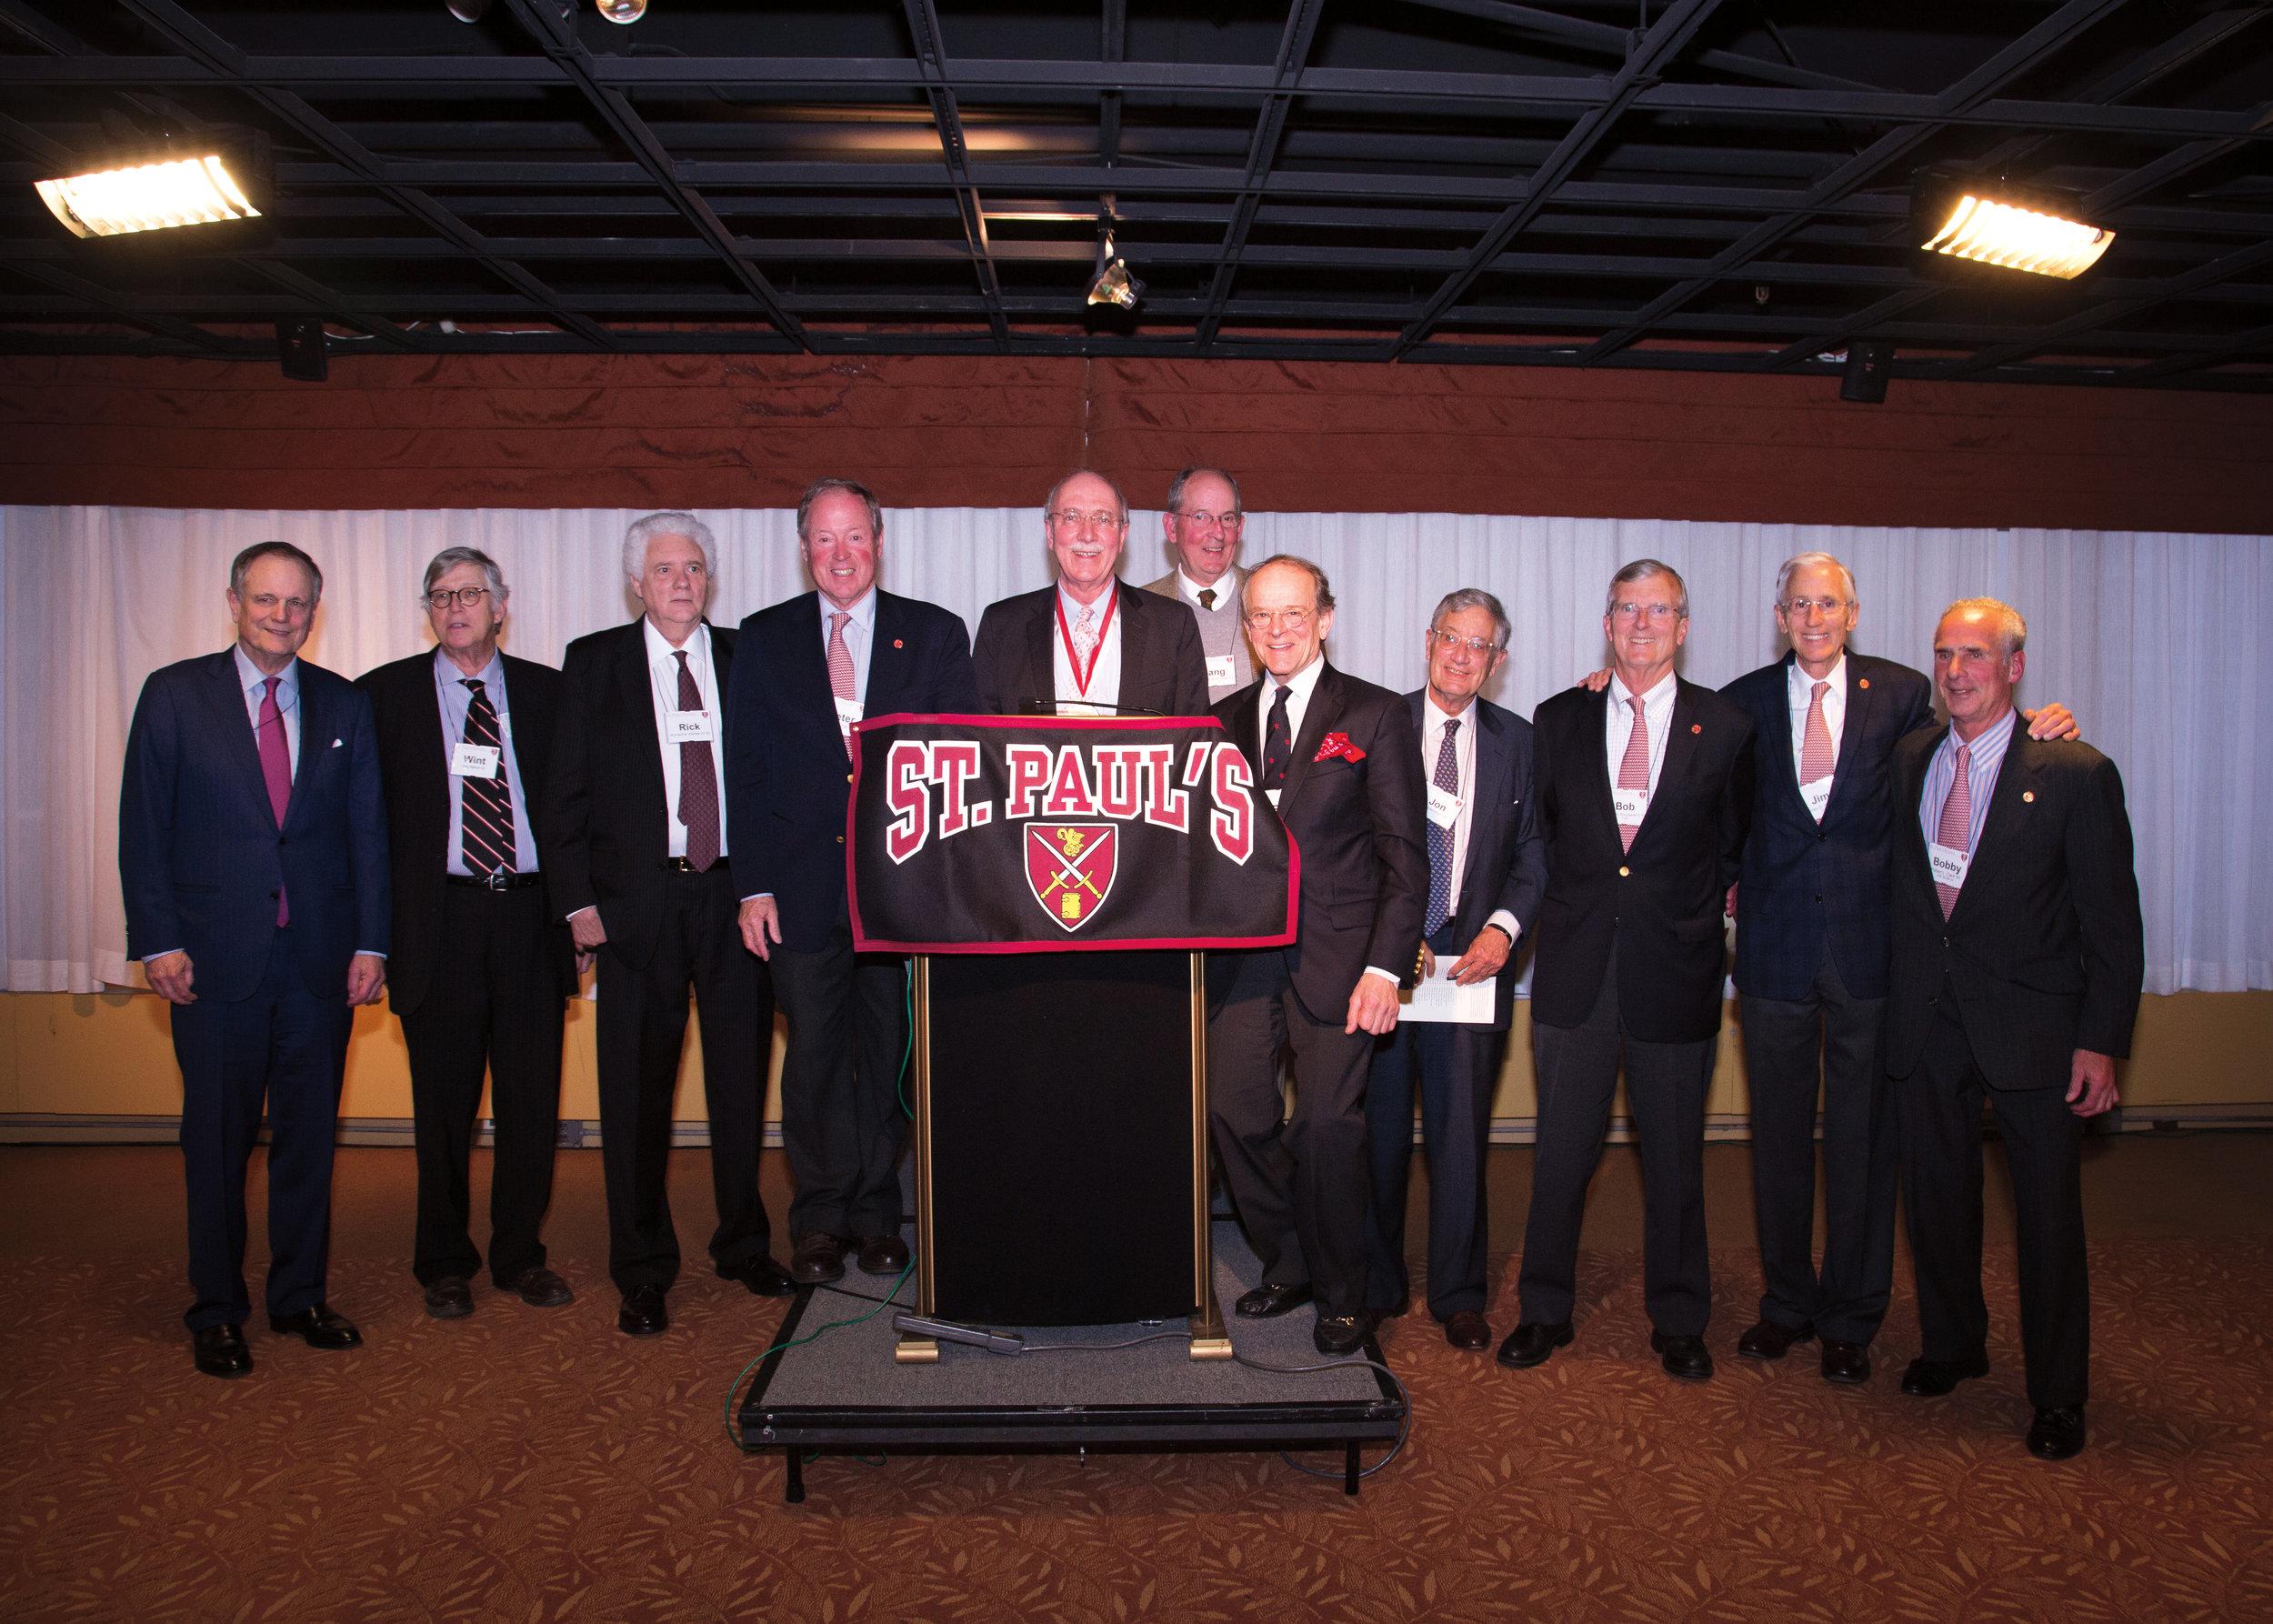 1961 Shattuck group at podium.jpg